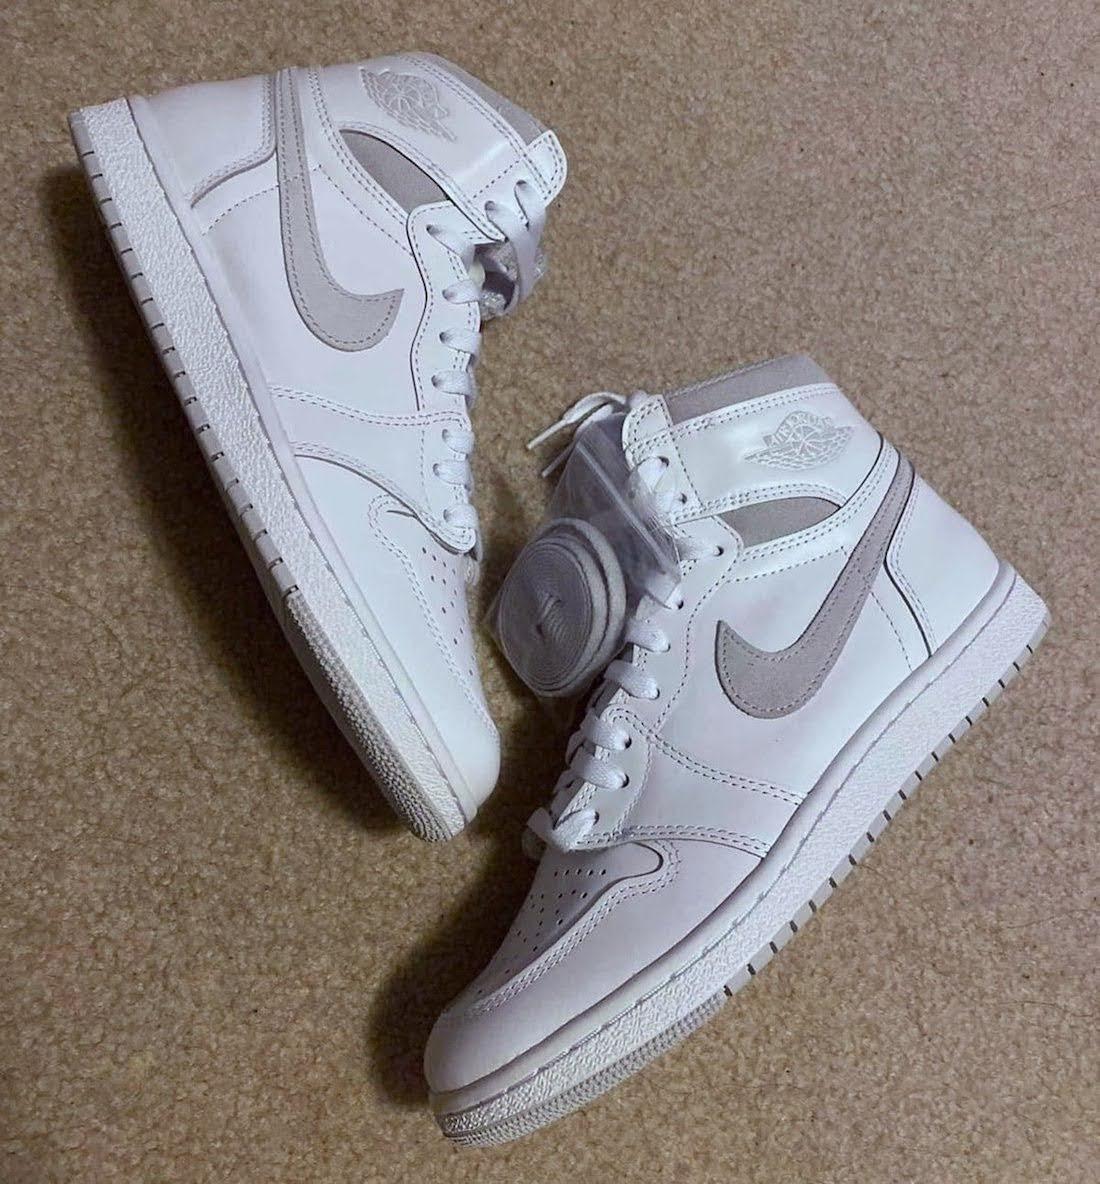 """ナイキ エアジョーダン1 ハイ 85 """"ニュートラルグレー""""-Nike-Air-Jordan-1-High-85-Neutral-Grey-BQ4422-100-2021-pair"""